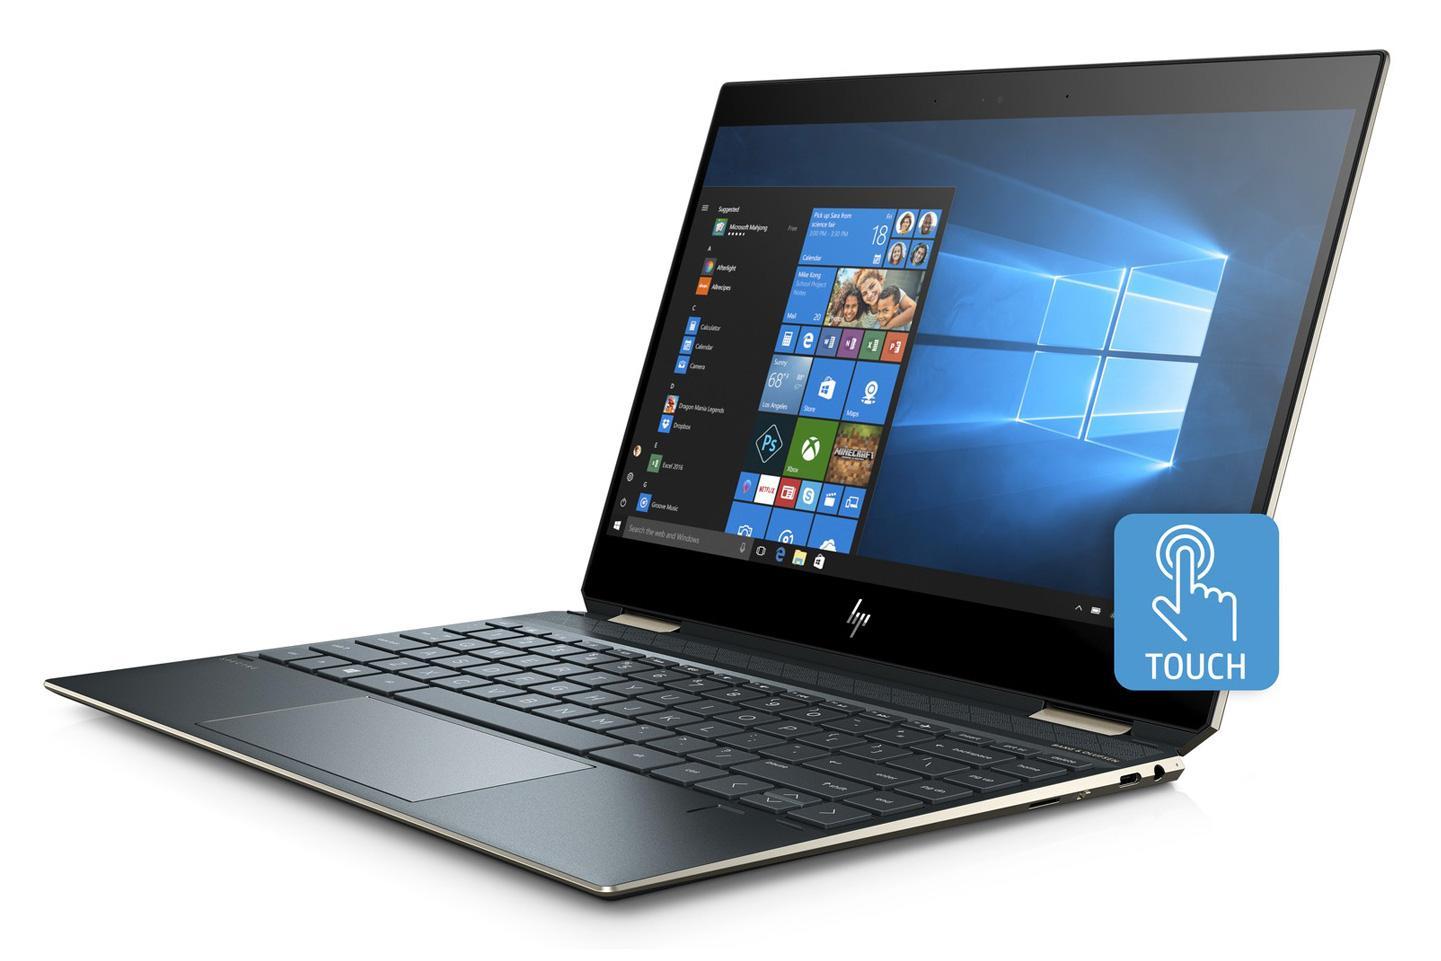 Ordinateur portable HP Spectre x360 13-ap0006nf Bleu fonce - photo 4